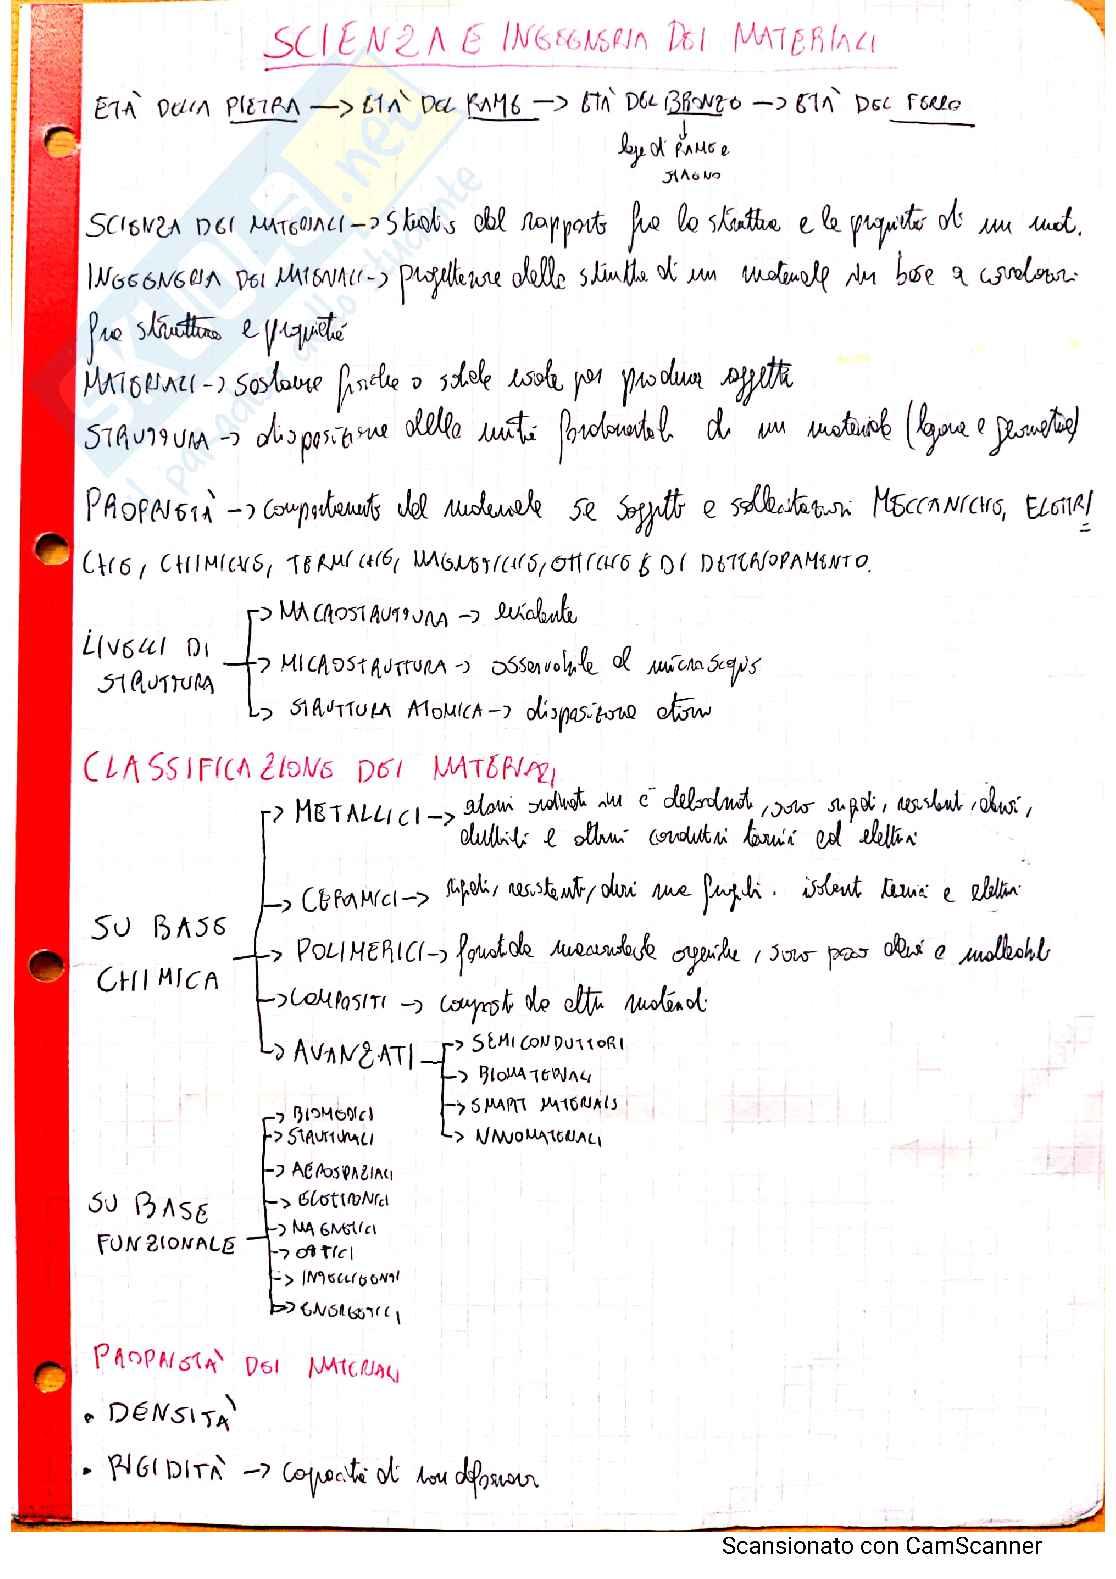 Appunti riscritti Tecnologia dei materiali e chimica applicata